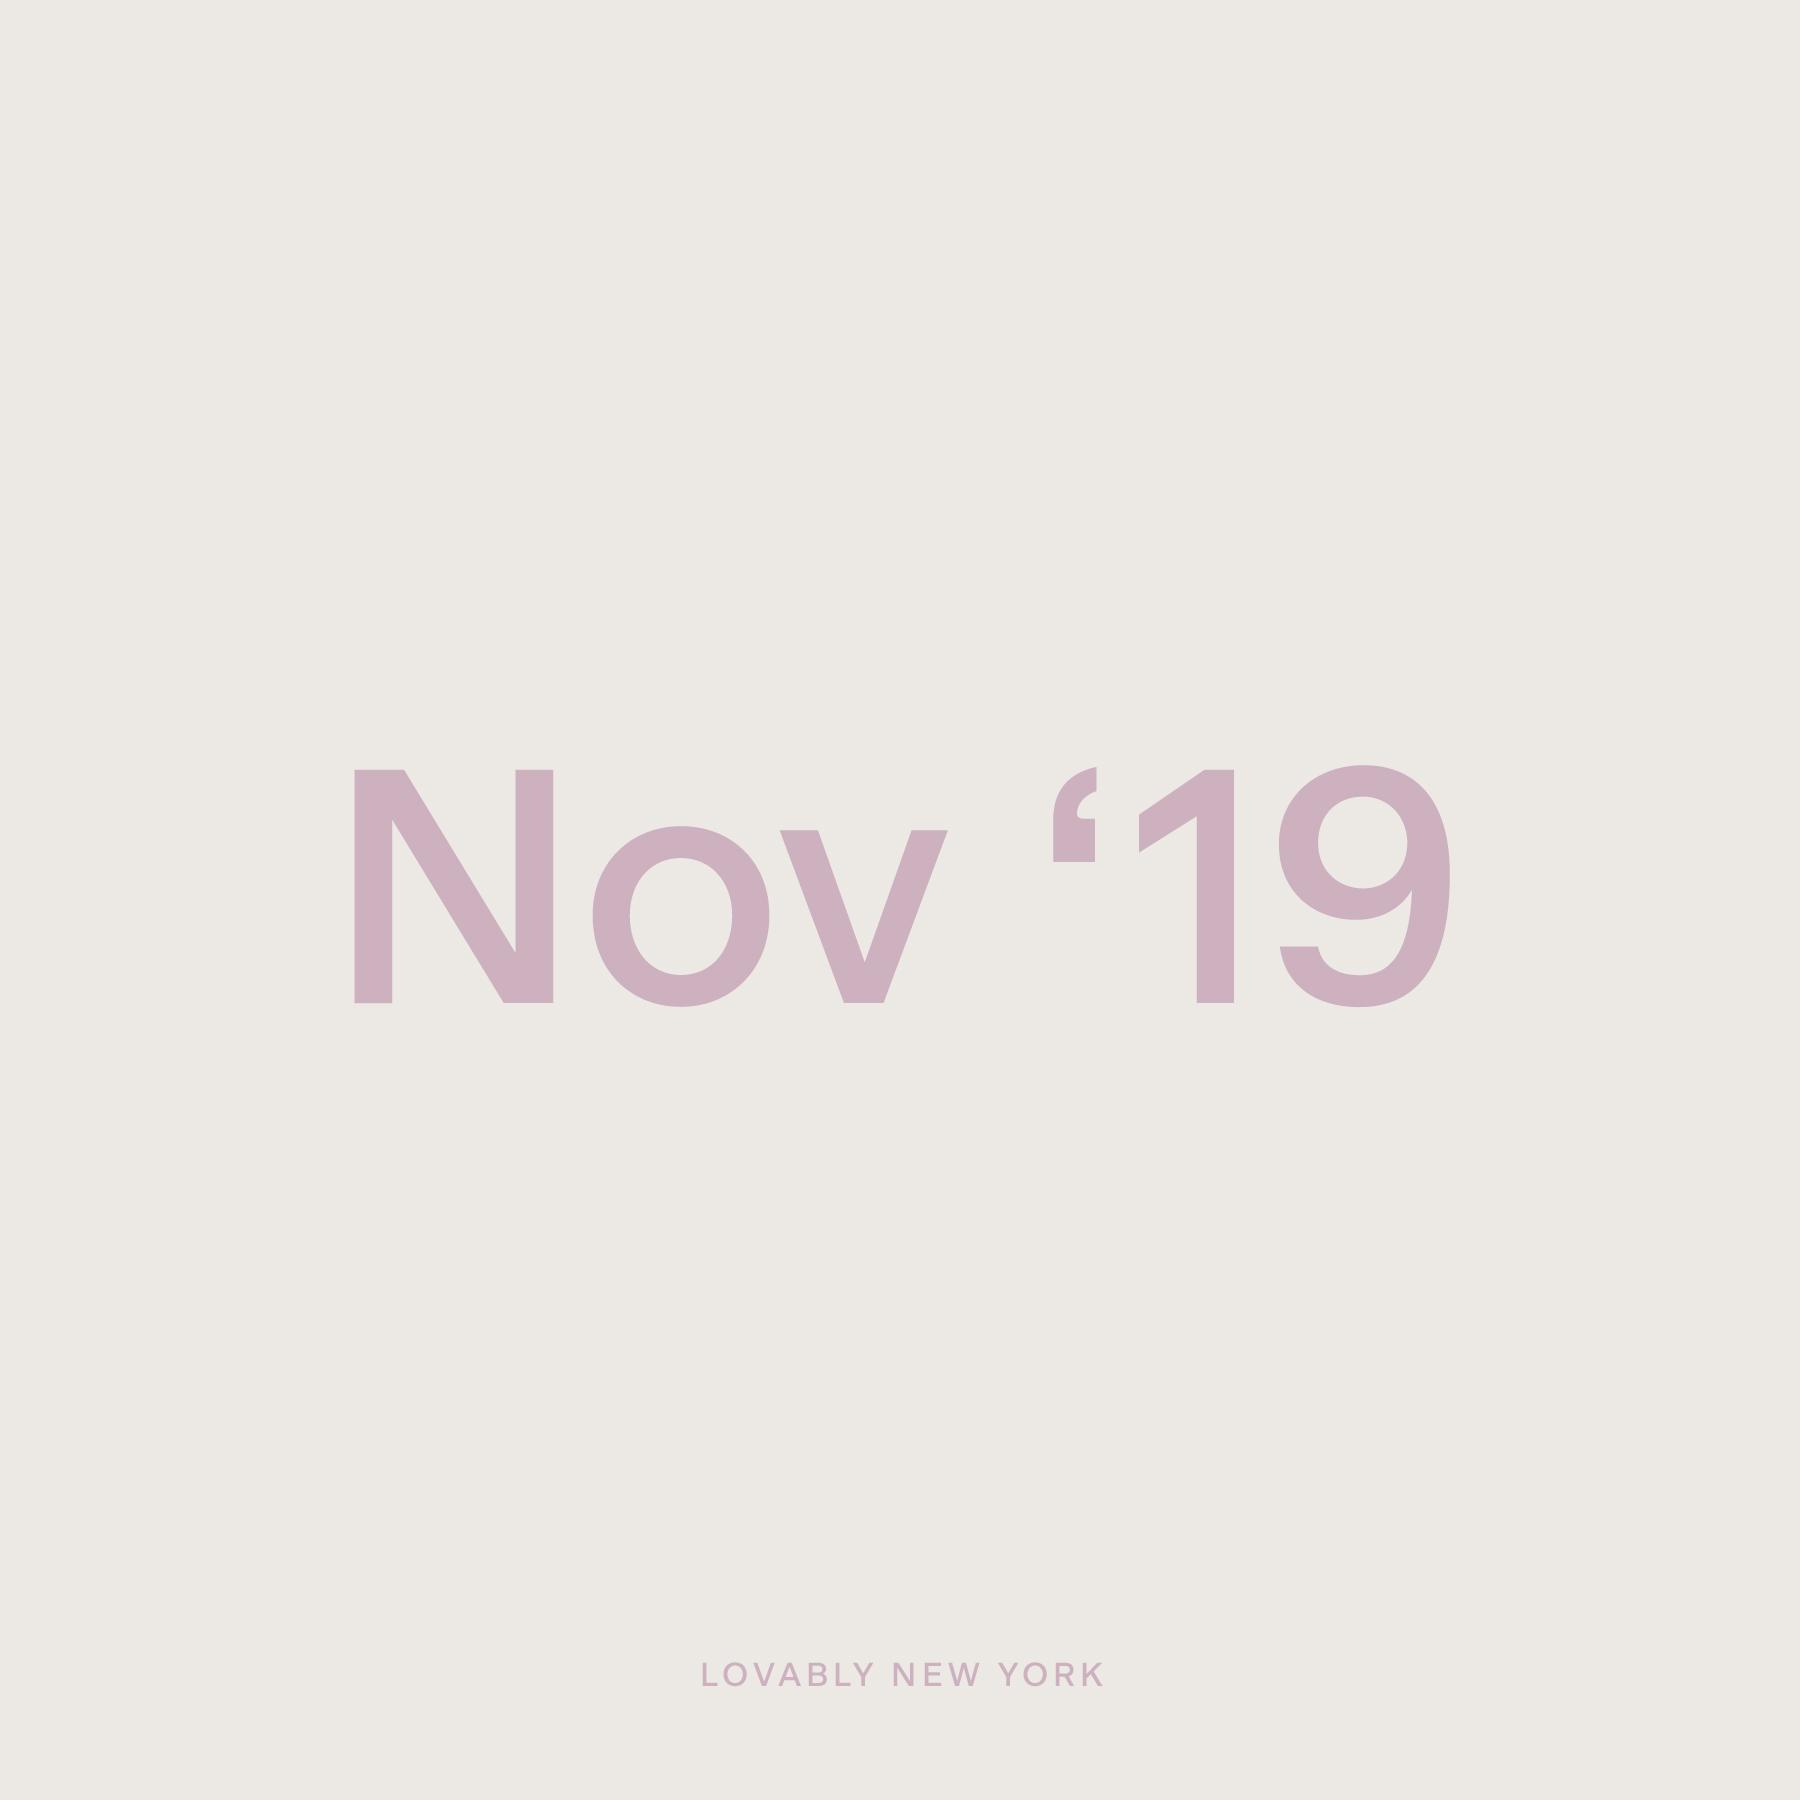 November '19